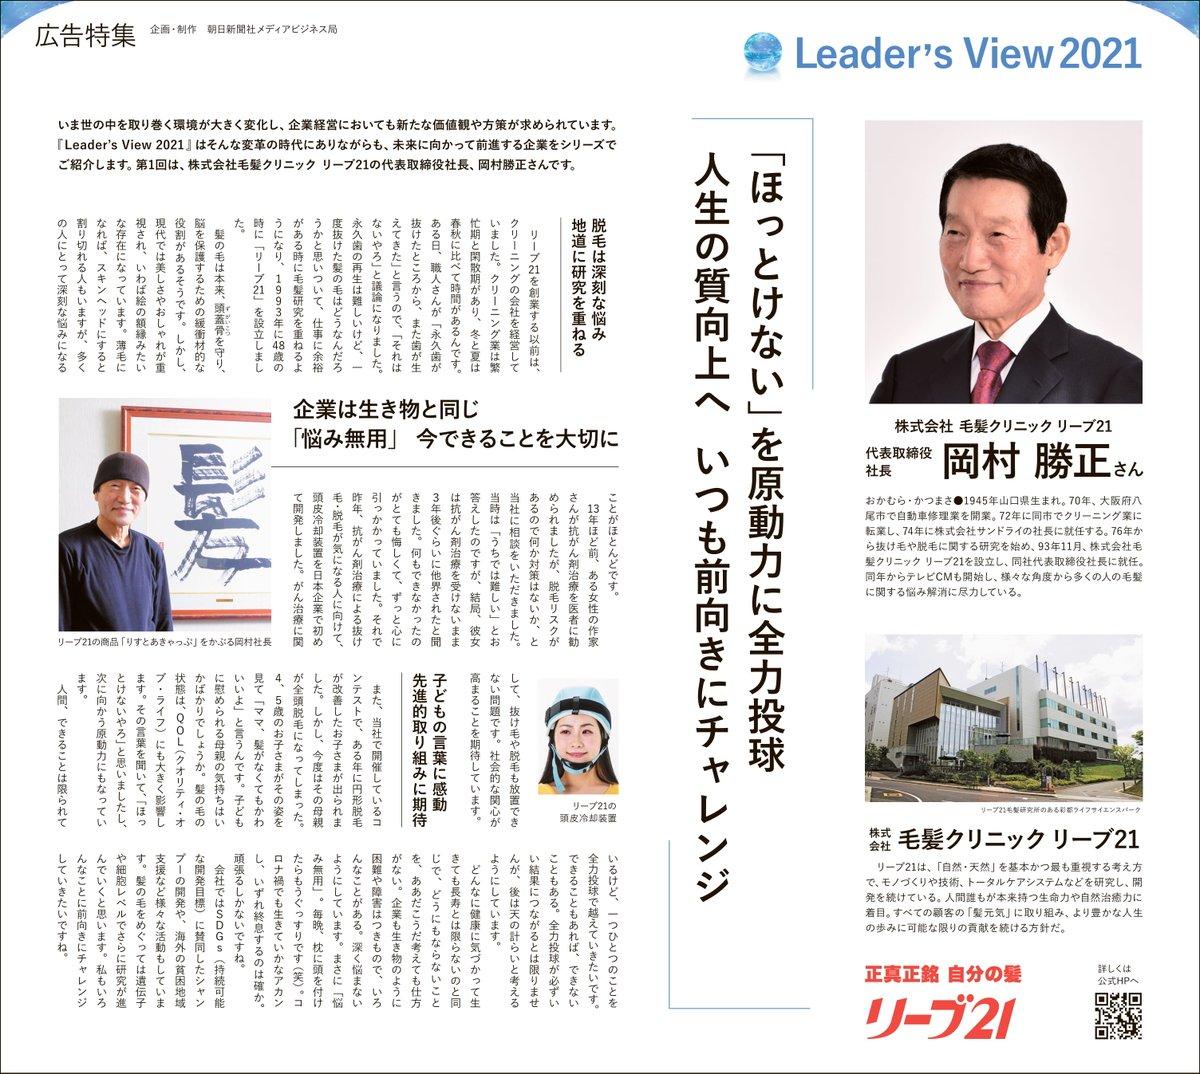 社長 リーブ 21 社長公募のリーブ21、社長を譲らず賠償命令:朝日新聞デジタル